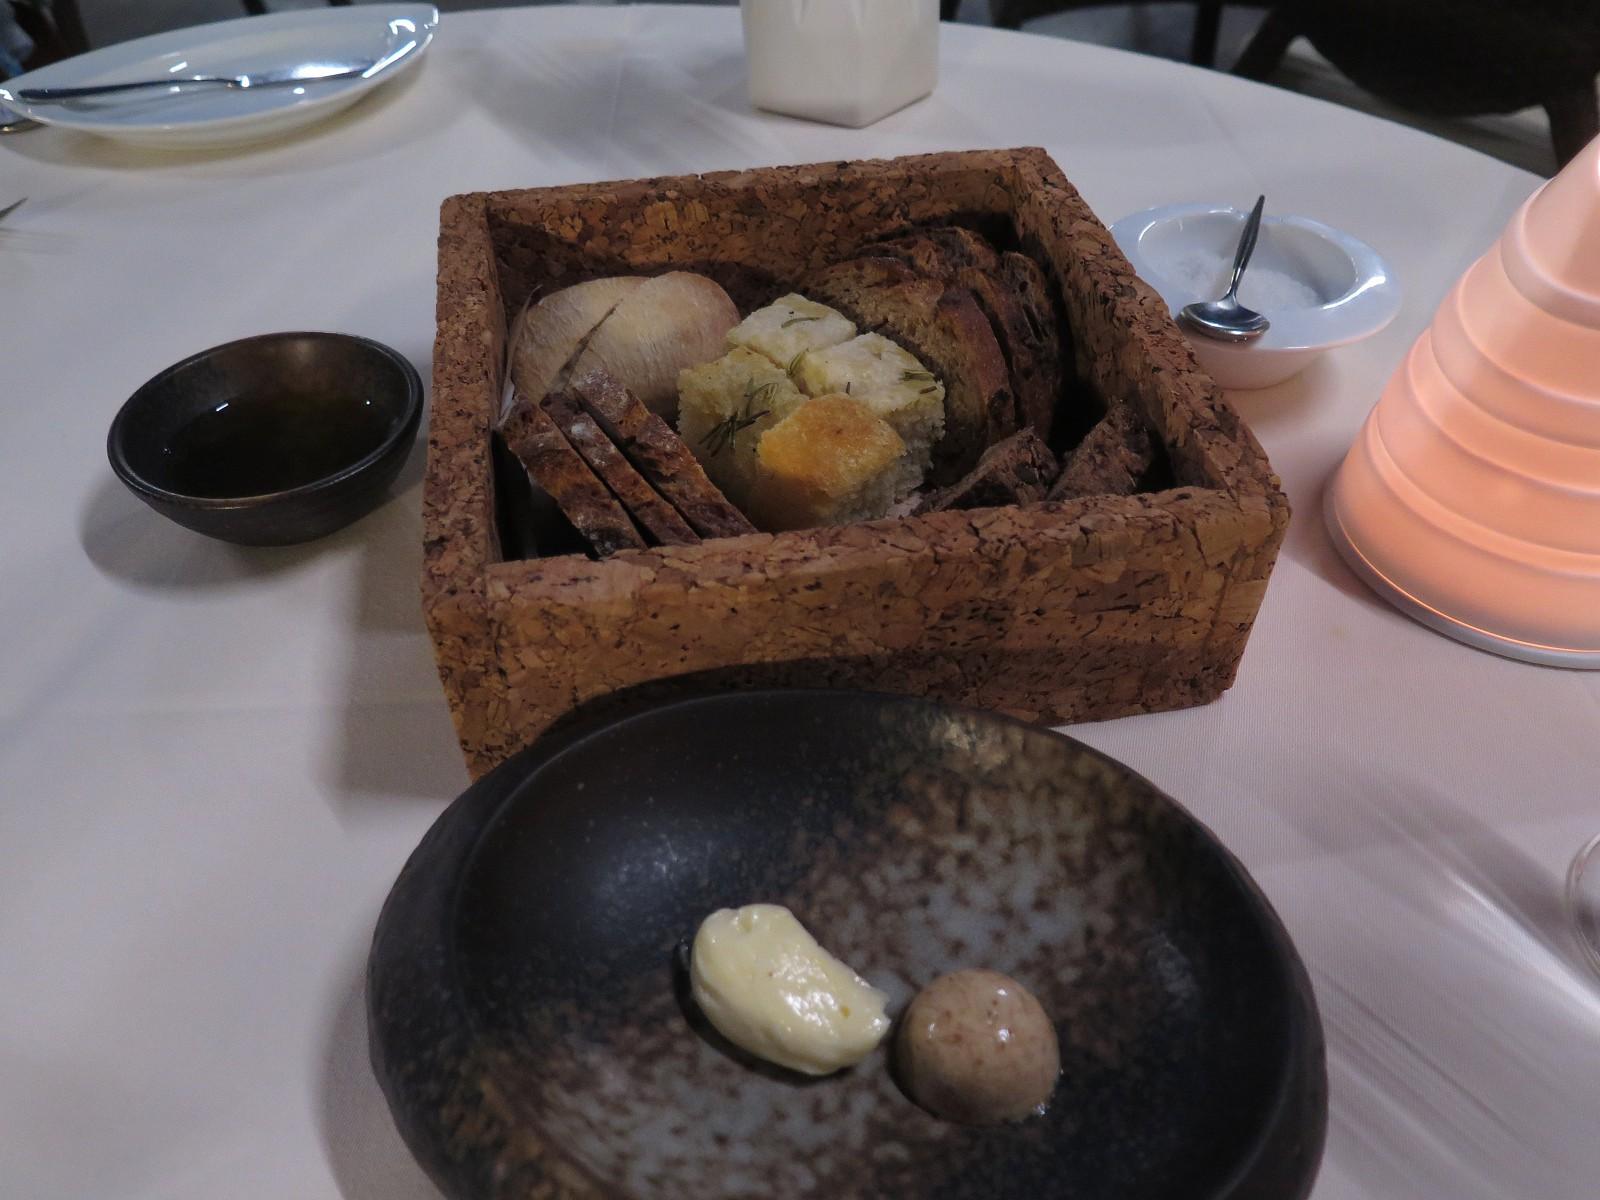 Seleção de pães, azeite virgem extra Herdade Paço do Conde, manteiga ao natural e com atum seco, flor de sal